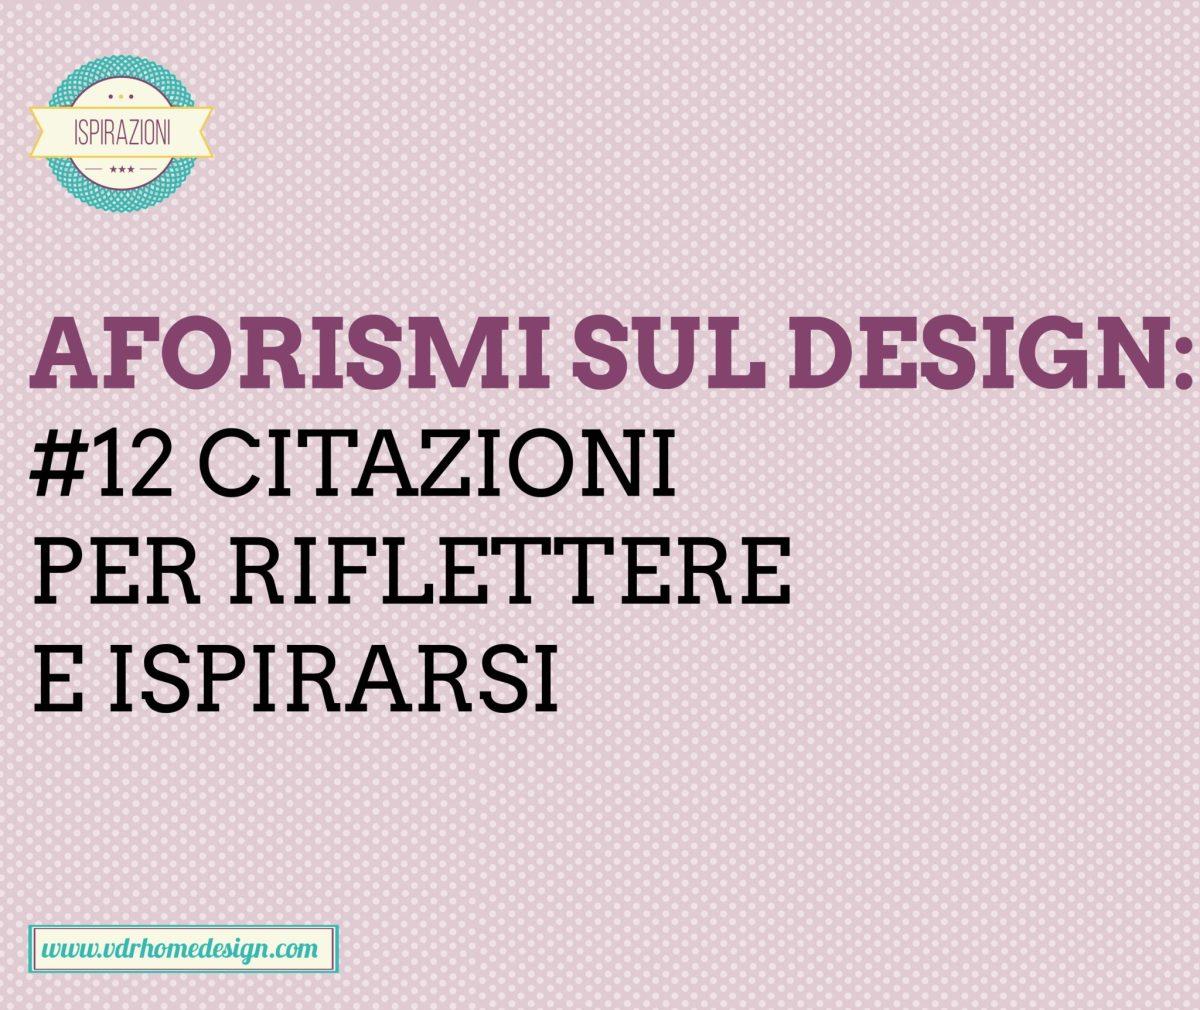 Aforismi sul design: #12 citazioni per riflettere e ispirarsi